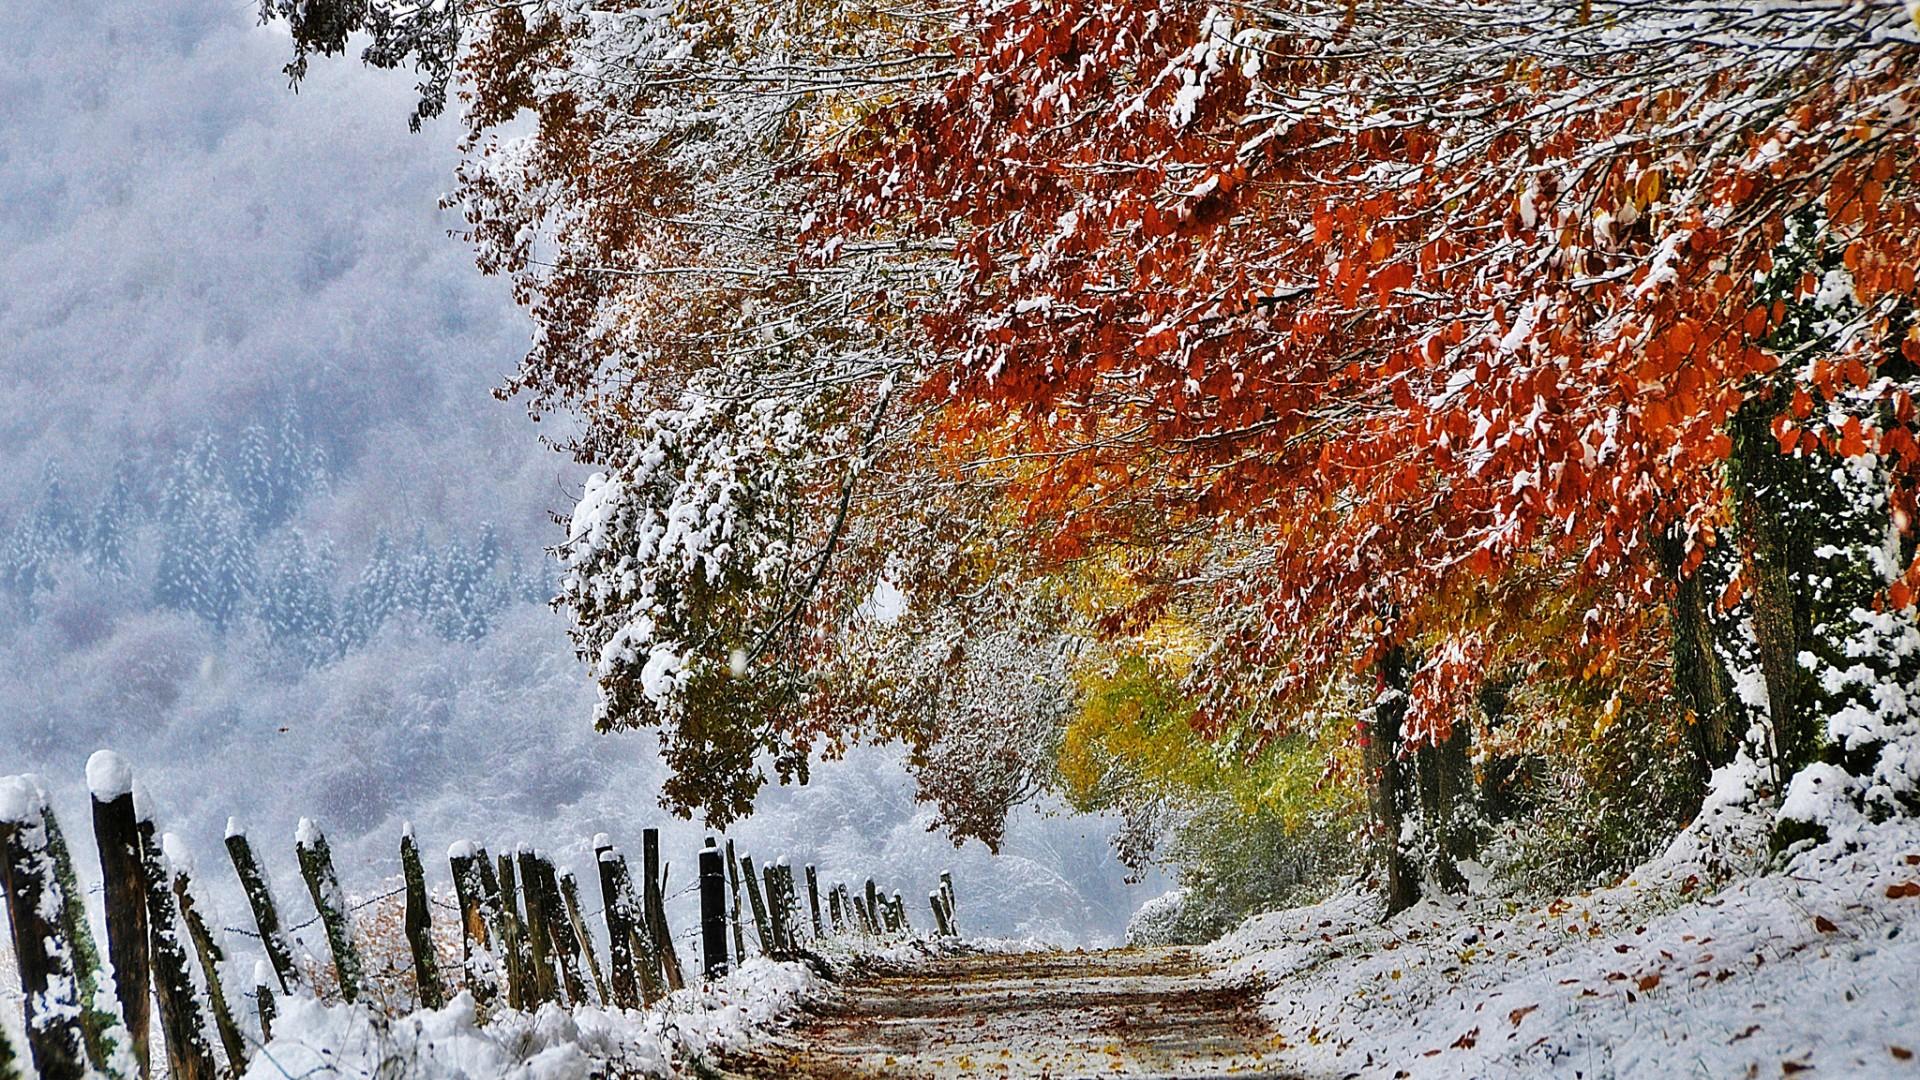 Картинки ранней зимы на телефон